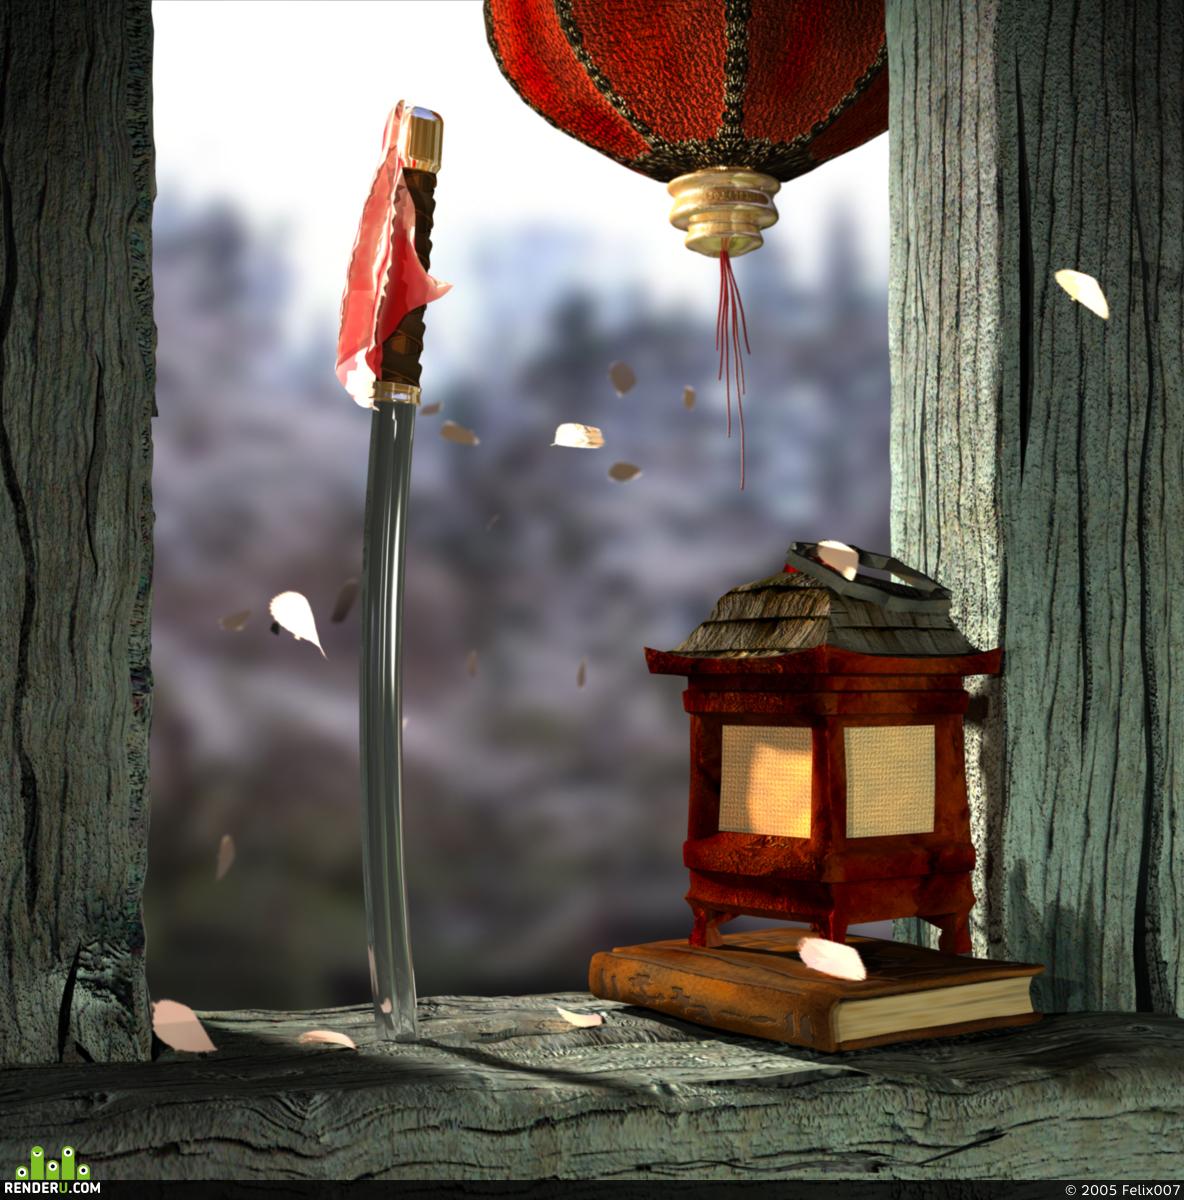 preview toska odinokogo samuraya skrashennaya vesennim solntsem i sakuroy